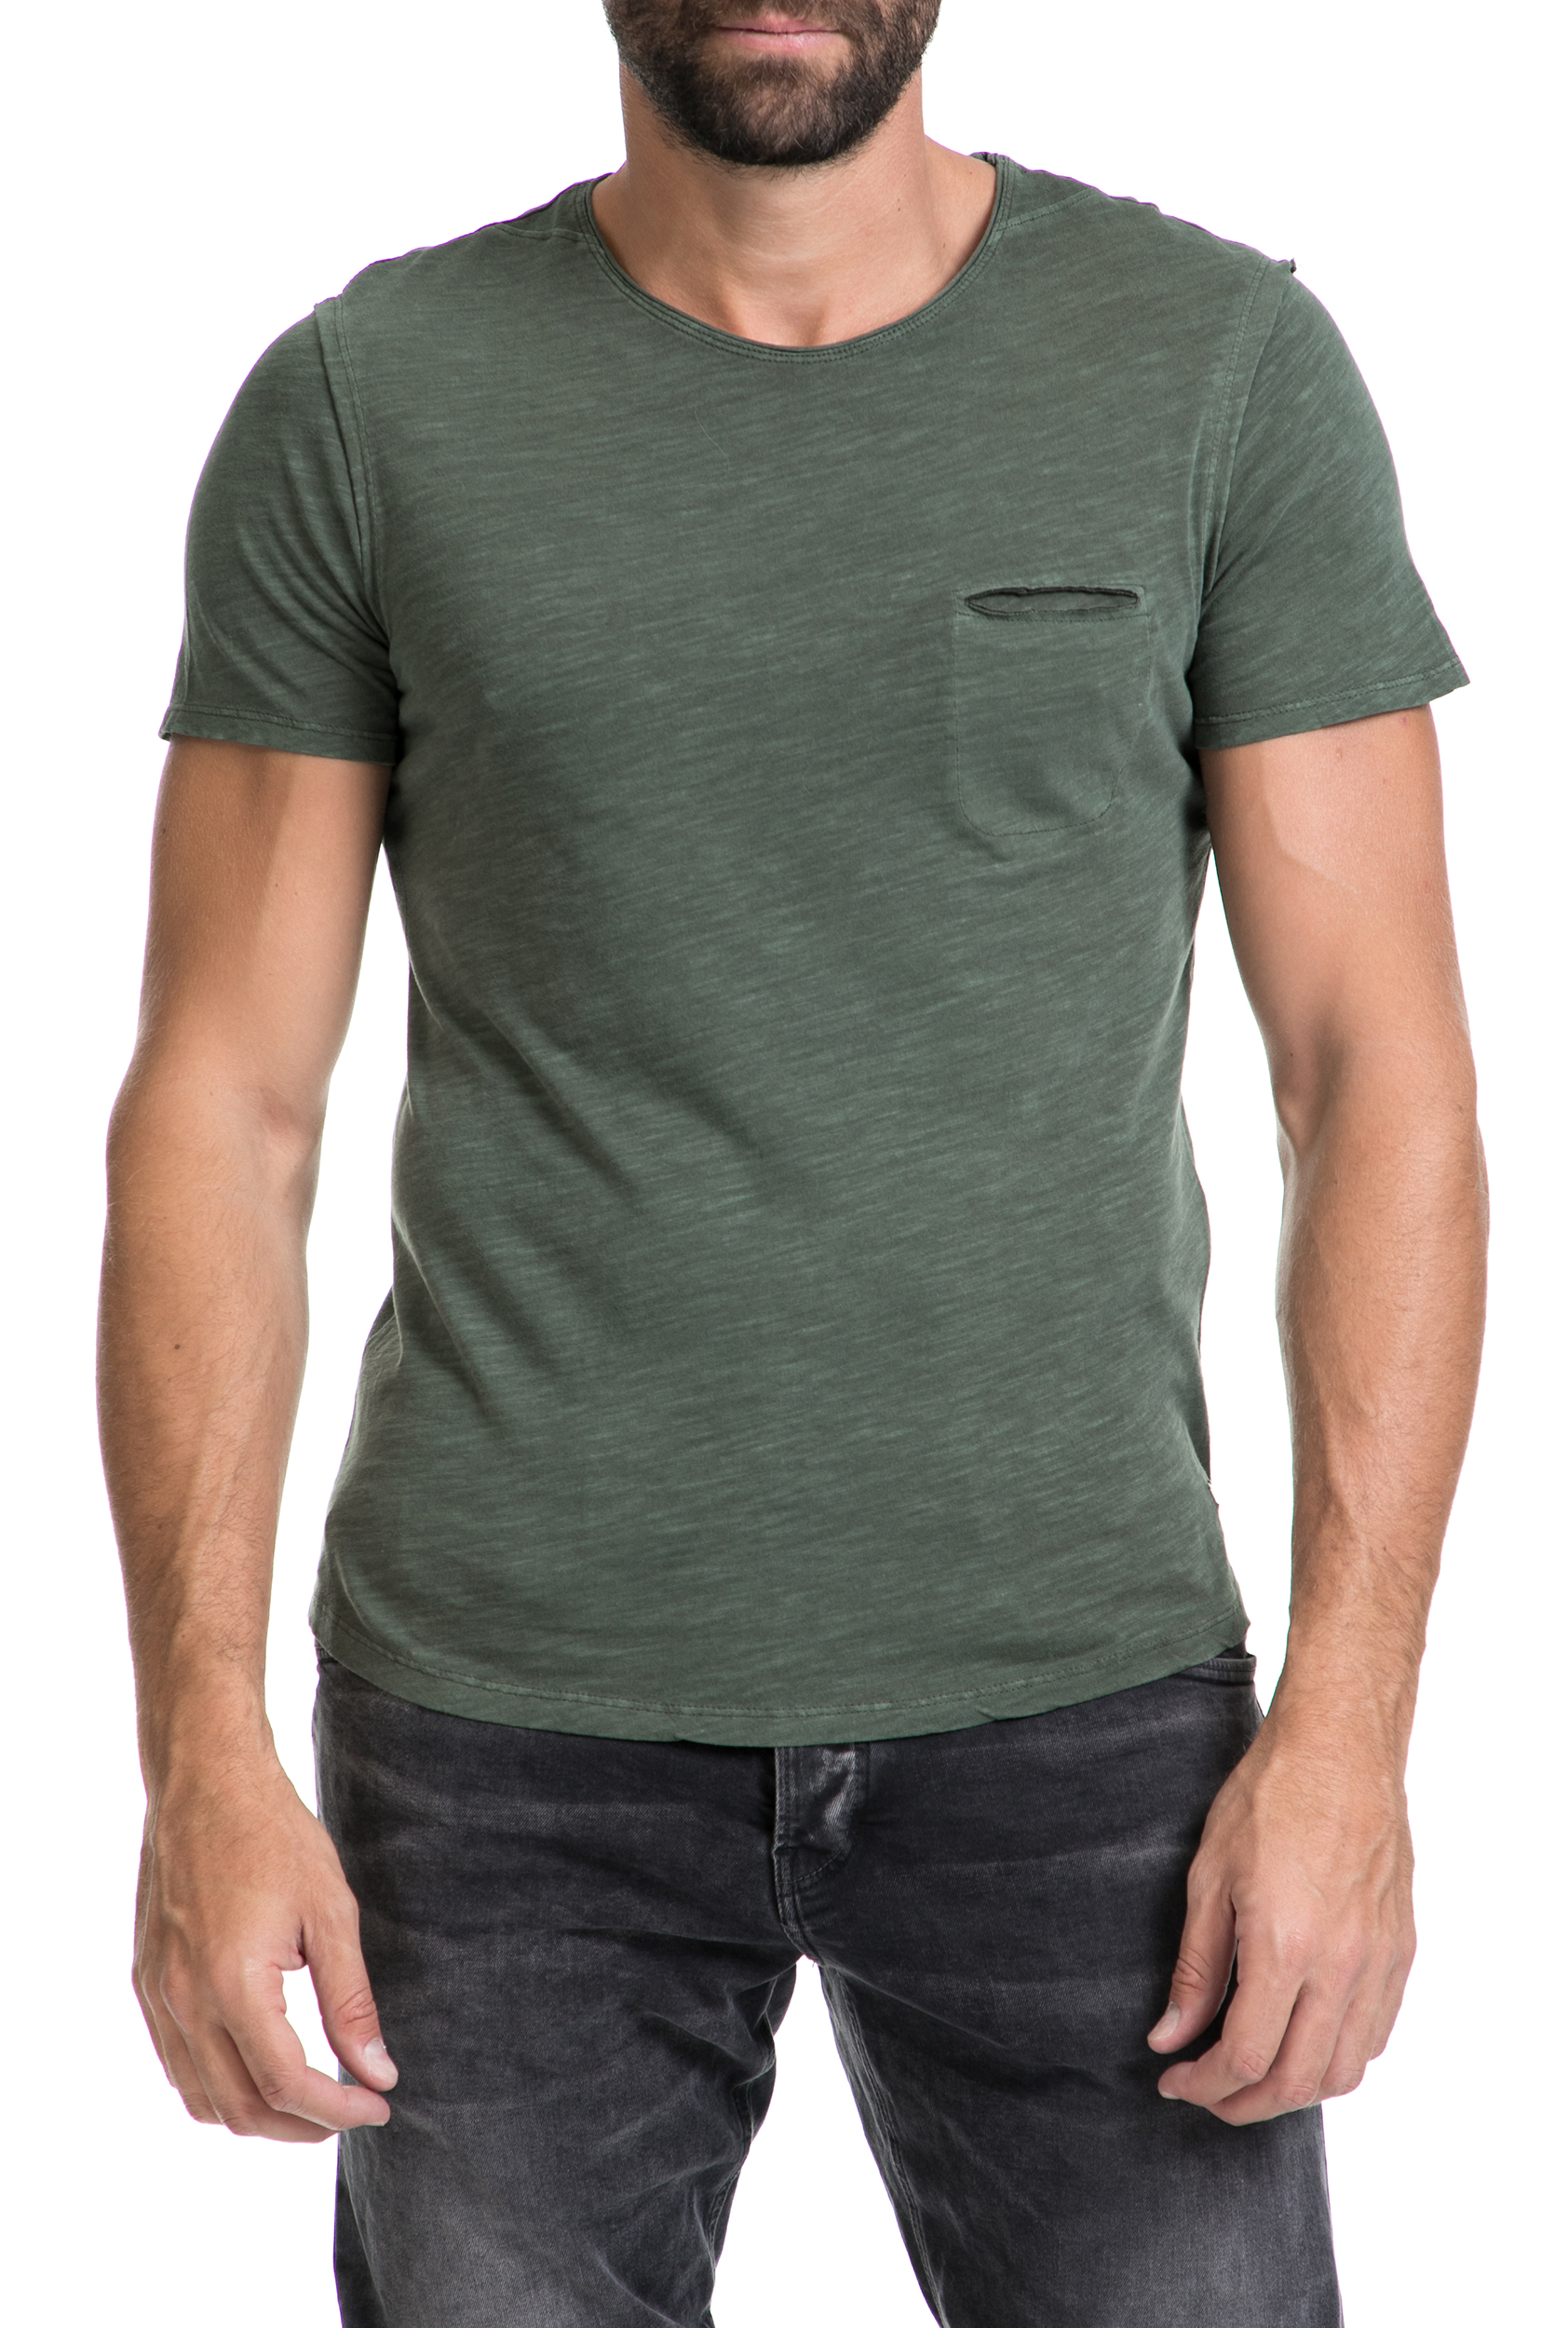 b53ee1273965 GUESS – Αντρική μπλούζα NOLAN GUESS χακί 19